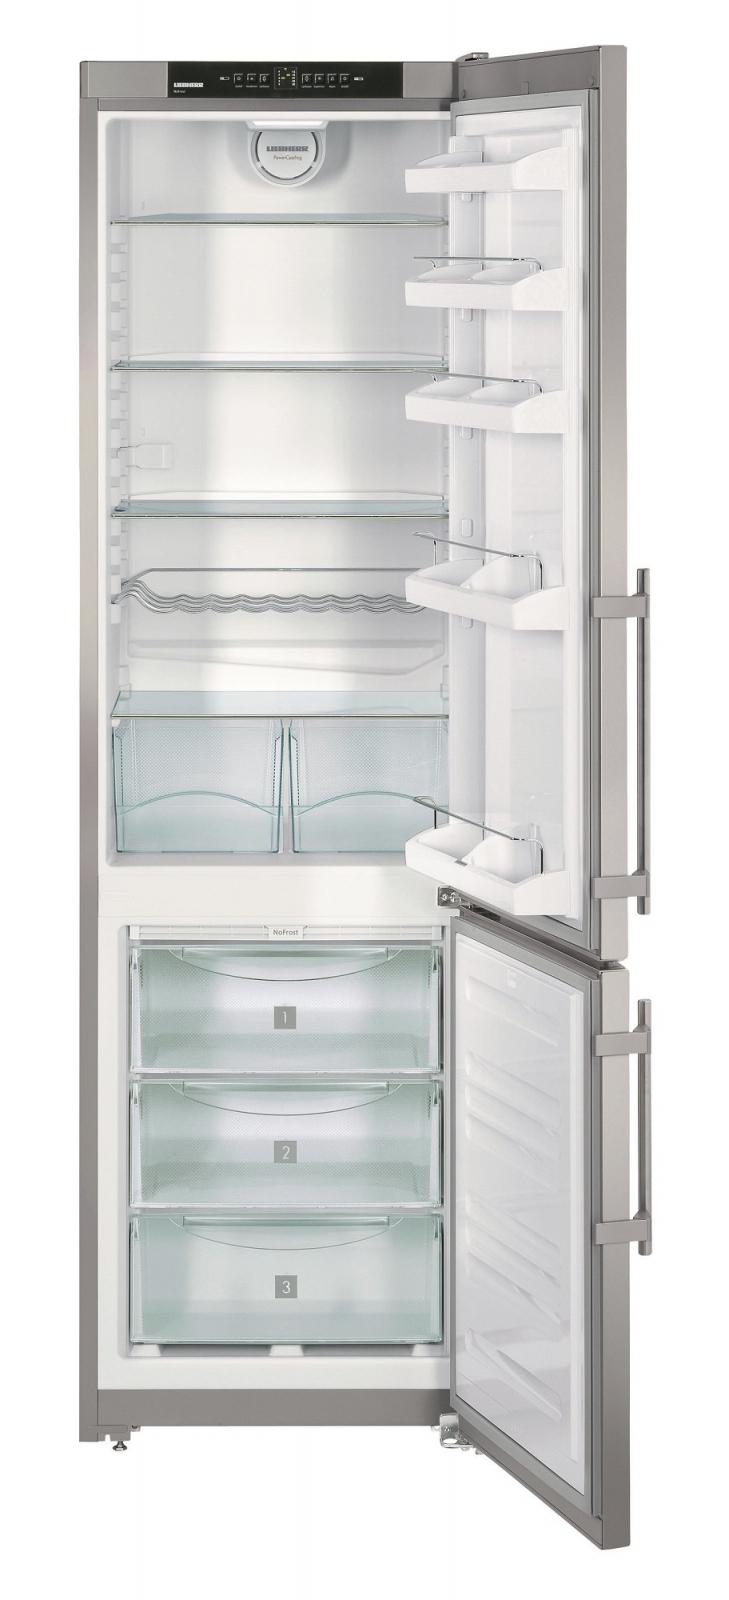 купить Двухкамерный холодильник Liebherr CNes 4003 Украина фото 1